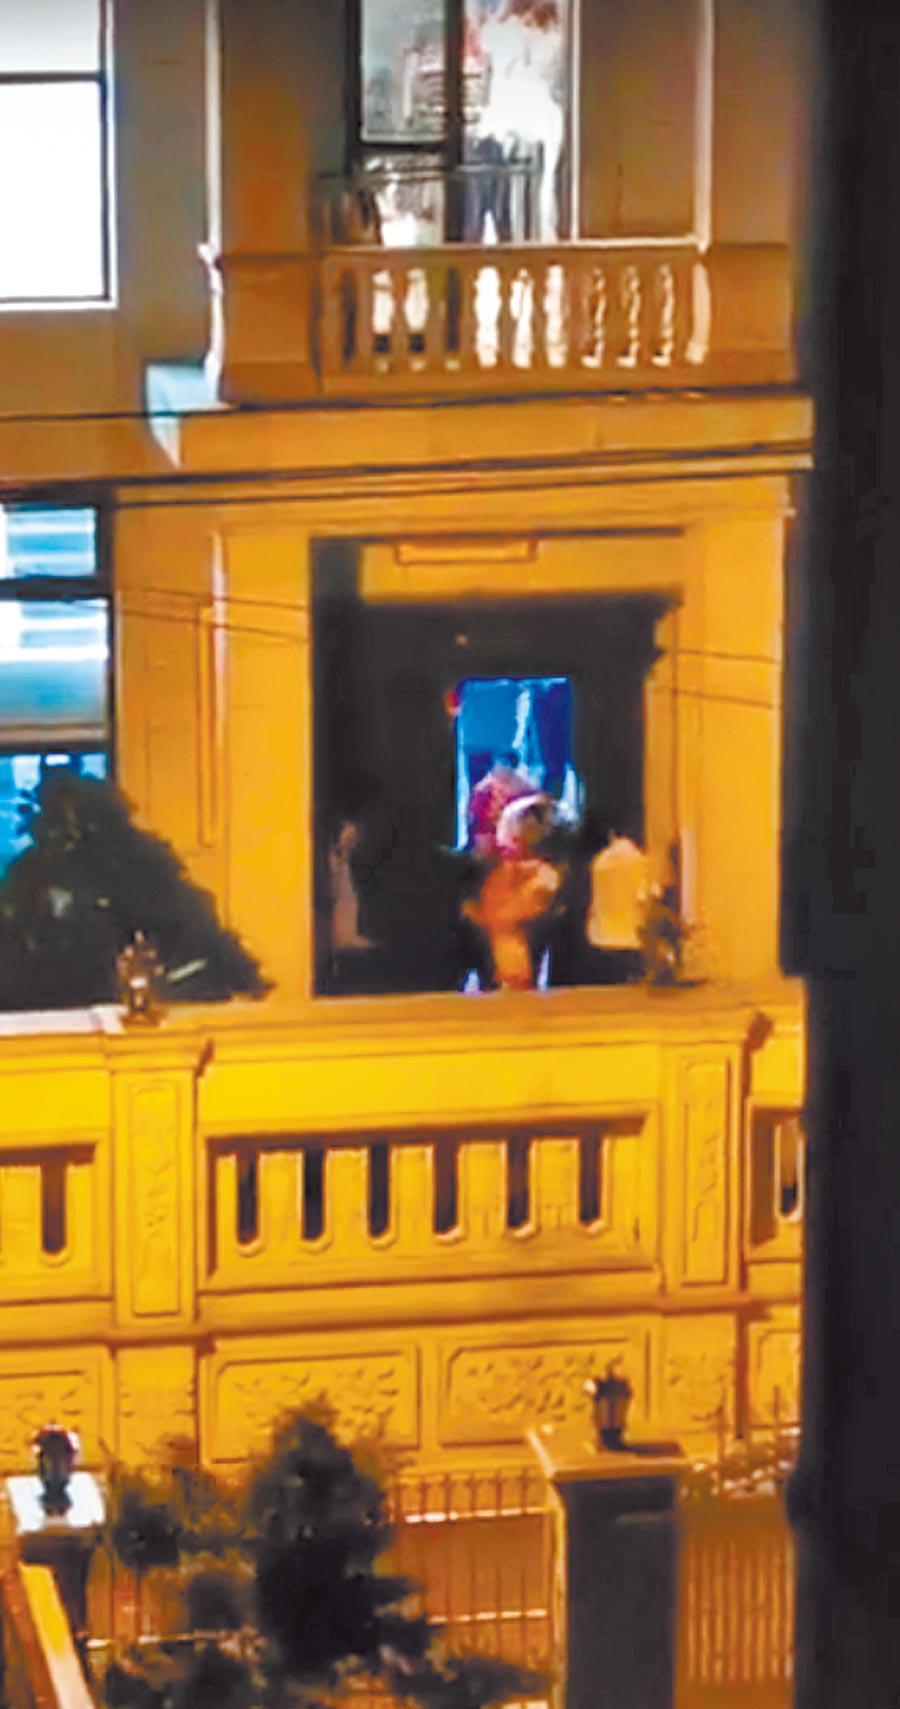 大陸美的創始人何享健,其廣東順德北滘君蘭國際高爾夫生活村的住處,遭5名搶匪闖入挾持,大陸公安15日清晨攻堅逮捕5嫌。(摘自網路)